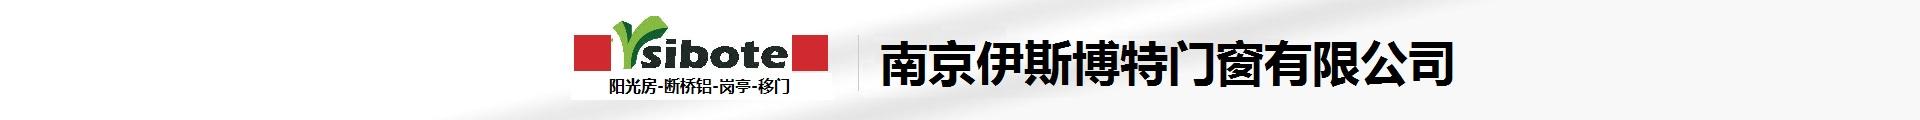 南京伊斯博特门窗有限公司